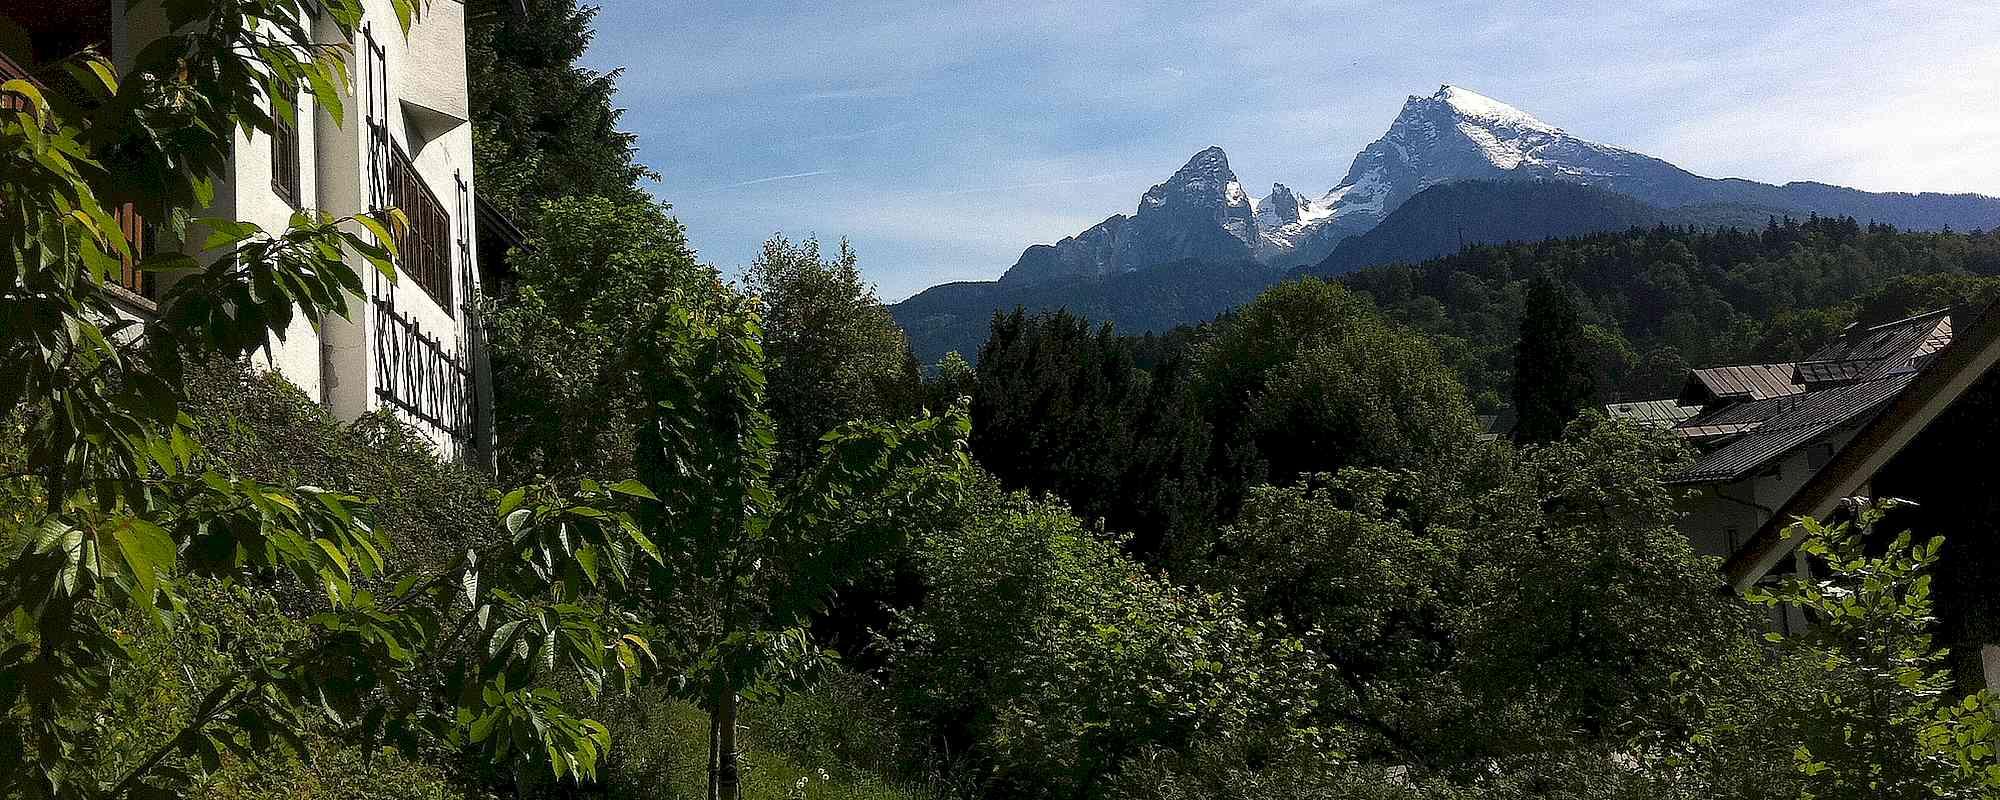 Ferienwohnungen Berchtesgaden